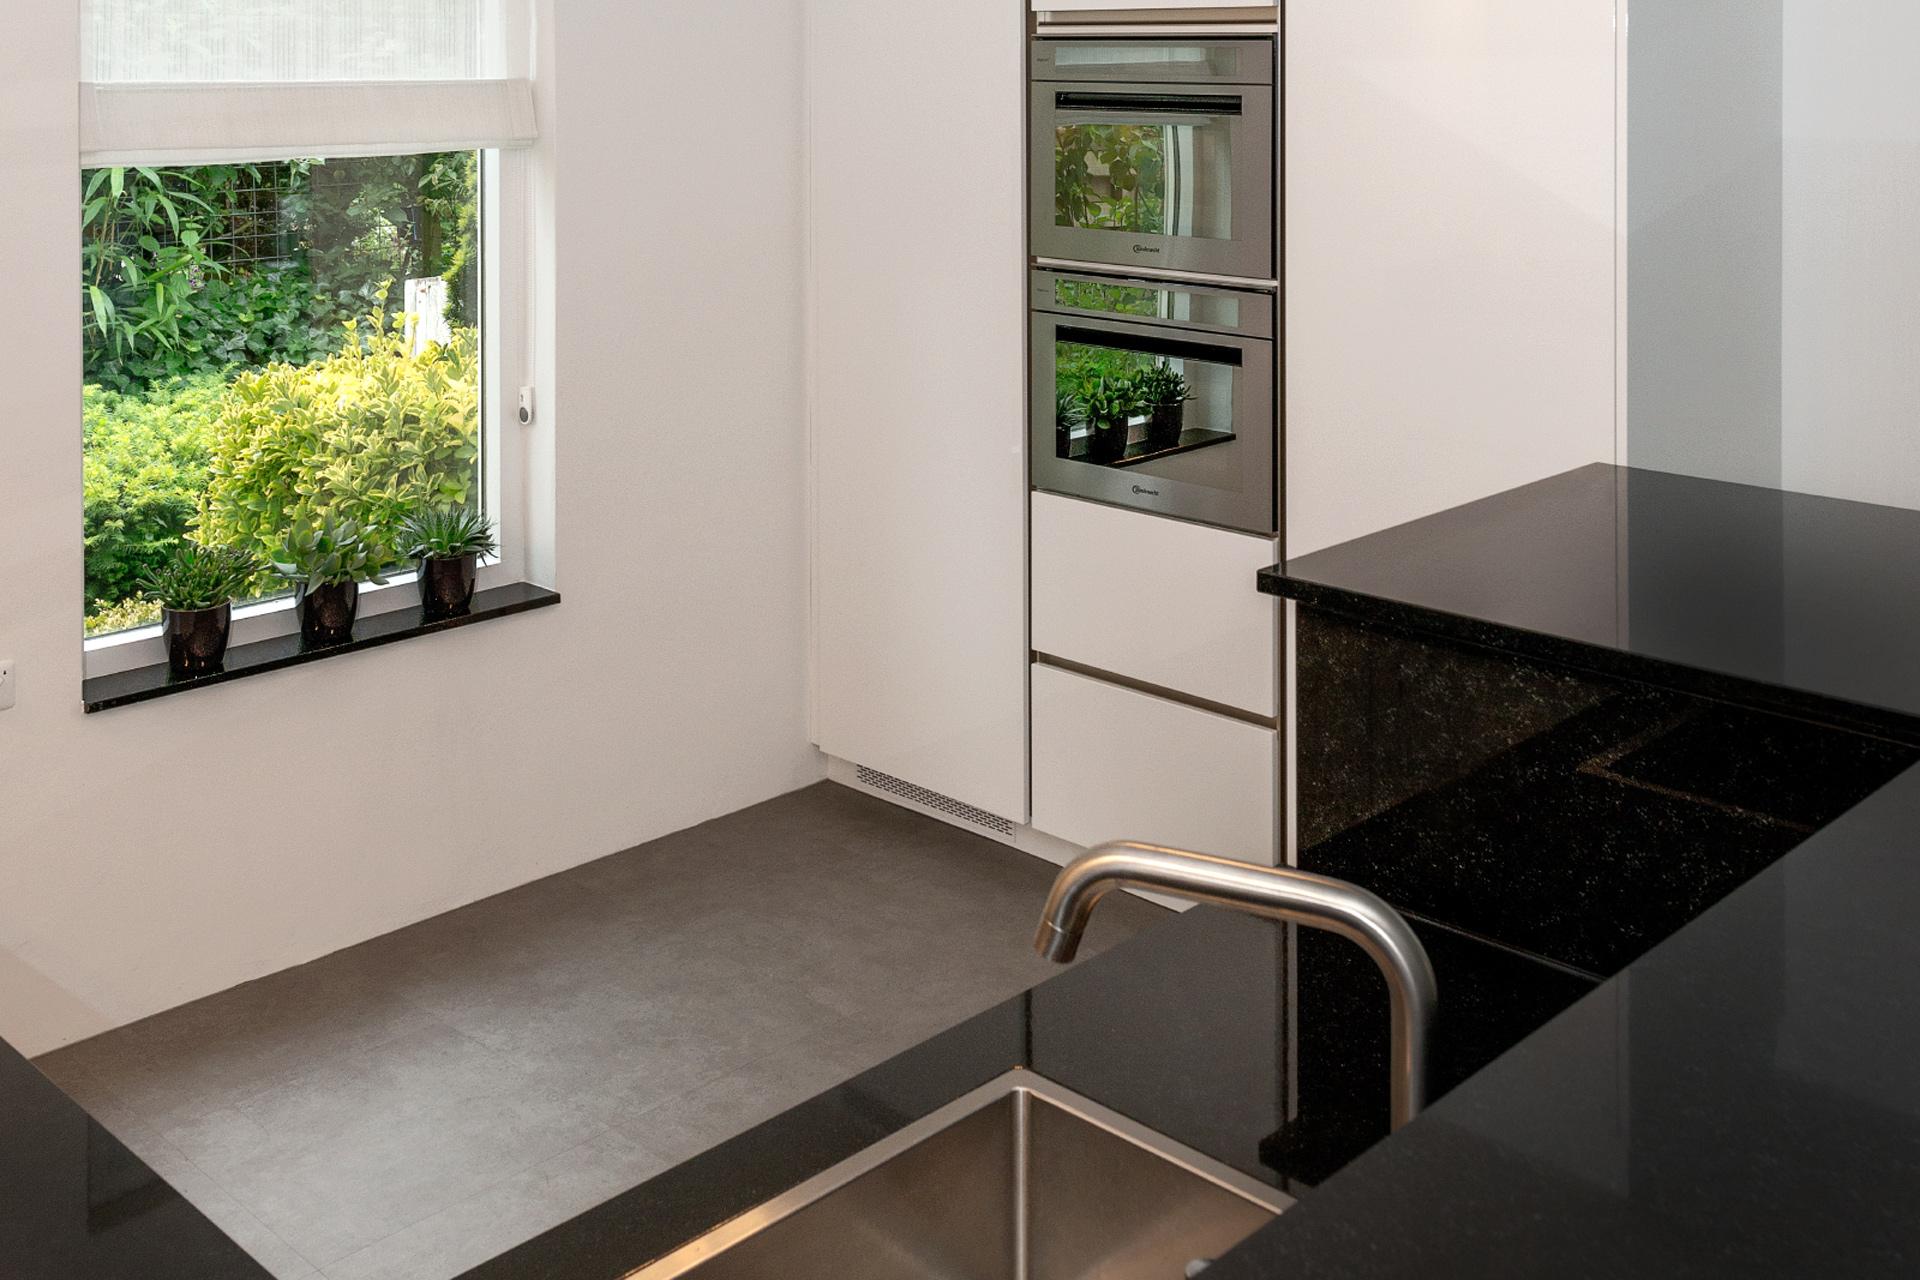 Moderne hollandse keuken beste inspiratie voor huis ontwerp - Moderne keukenbank ...